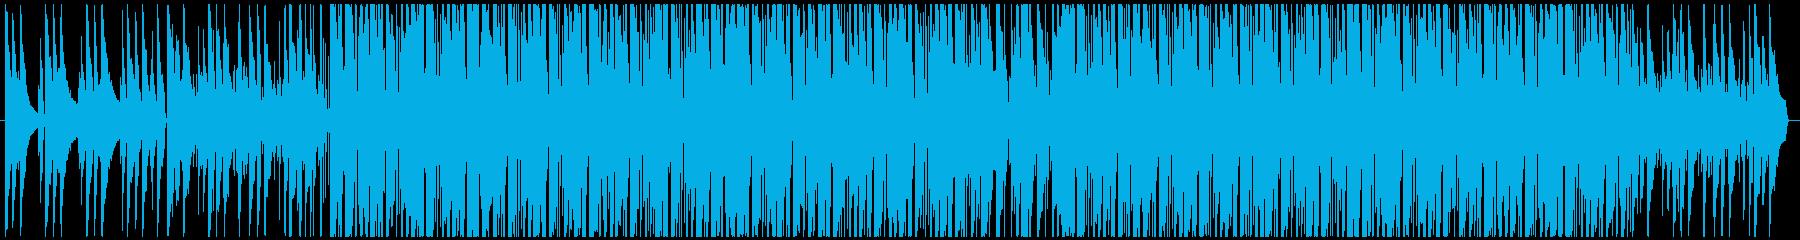 夜っぽい雰囲気のジャズファンクの再生済みの波形